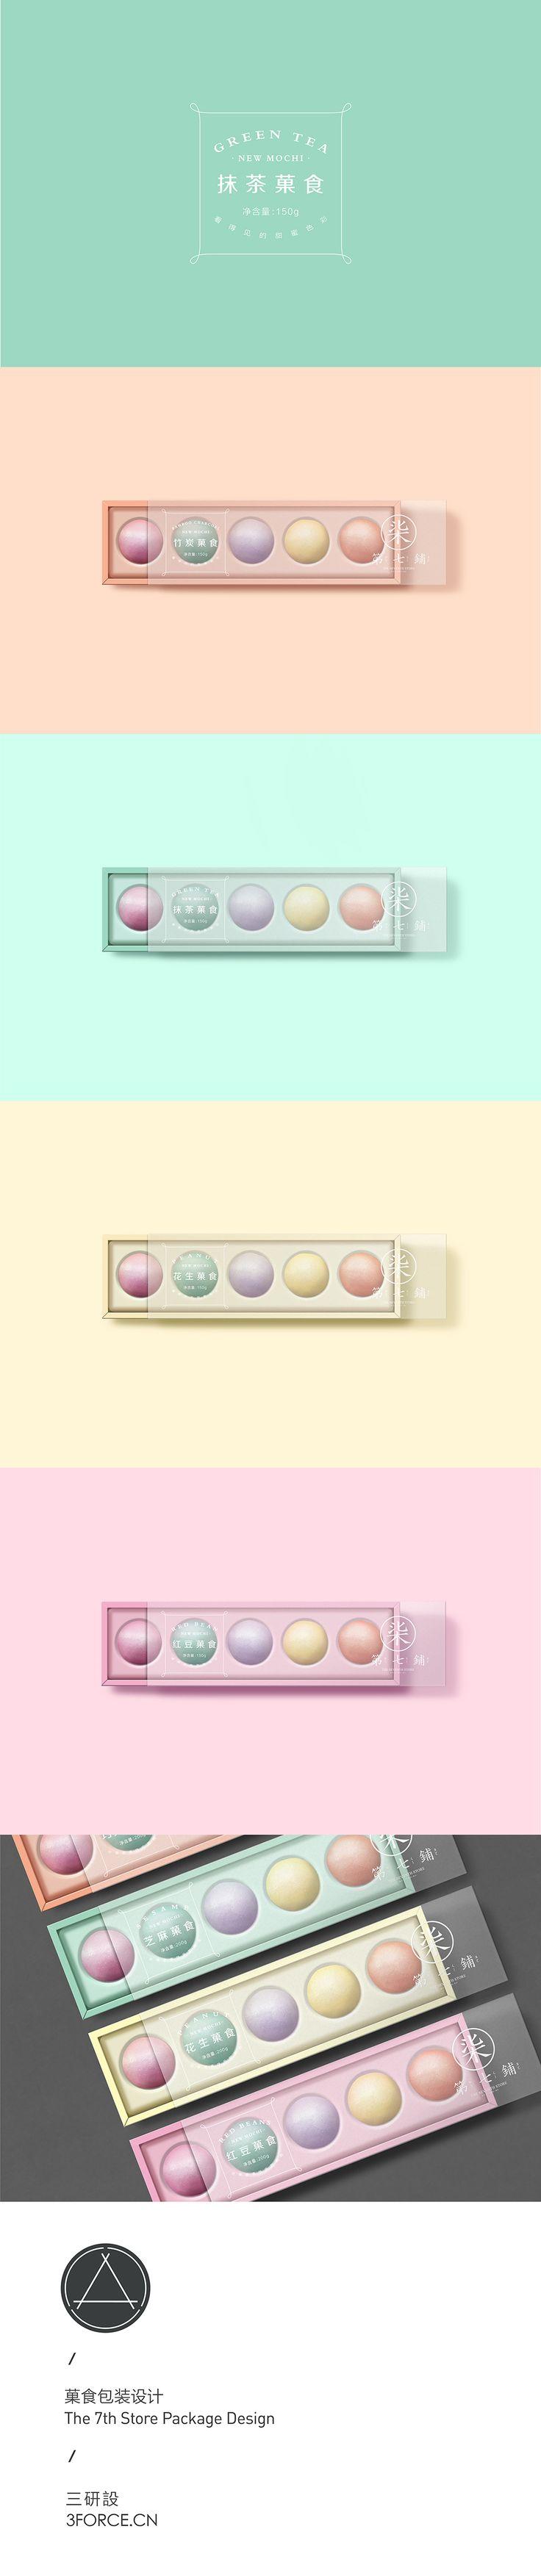 https://www.behance.net/gallery/34018586/The-7th-Store-New-Mochi-Packaging-